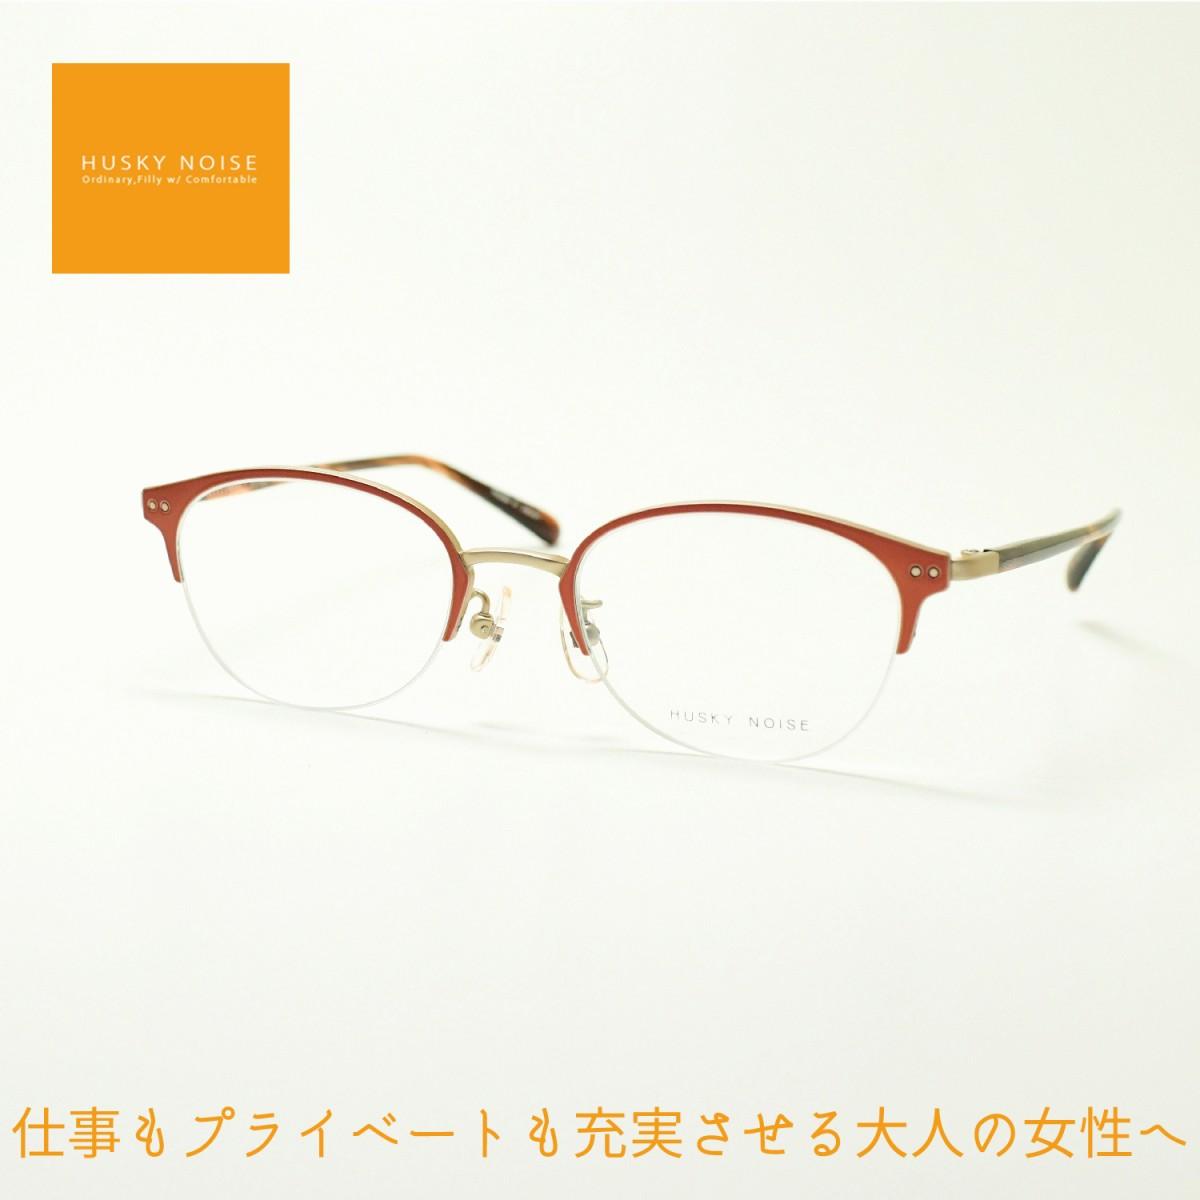 HUSKY NOISE ハスキーノイズH-175 col-3メガネ 眼鏡 めがね メンズ レディース おしゃれ ブランド 人気 おすすめ フレーム 流行り 度付き レンズ